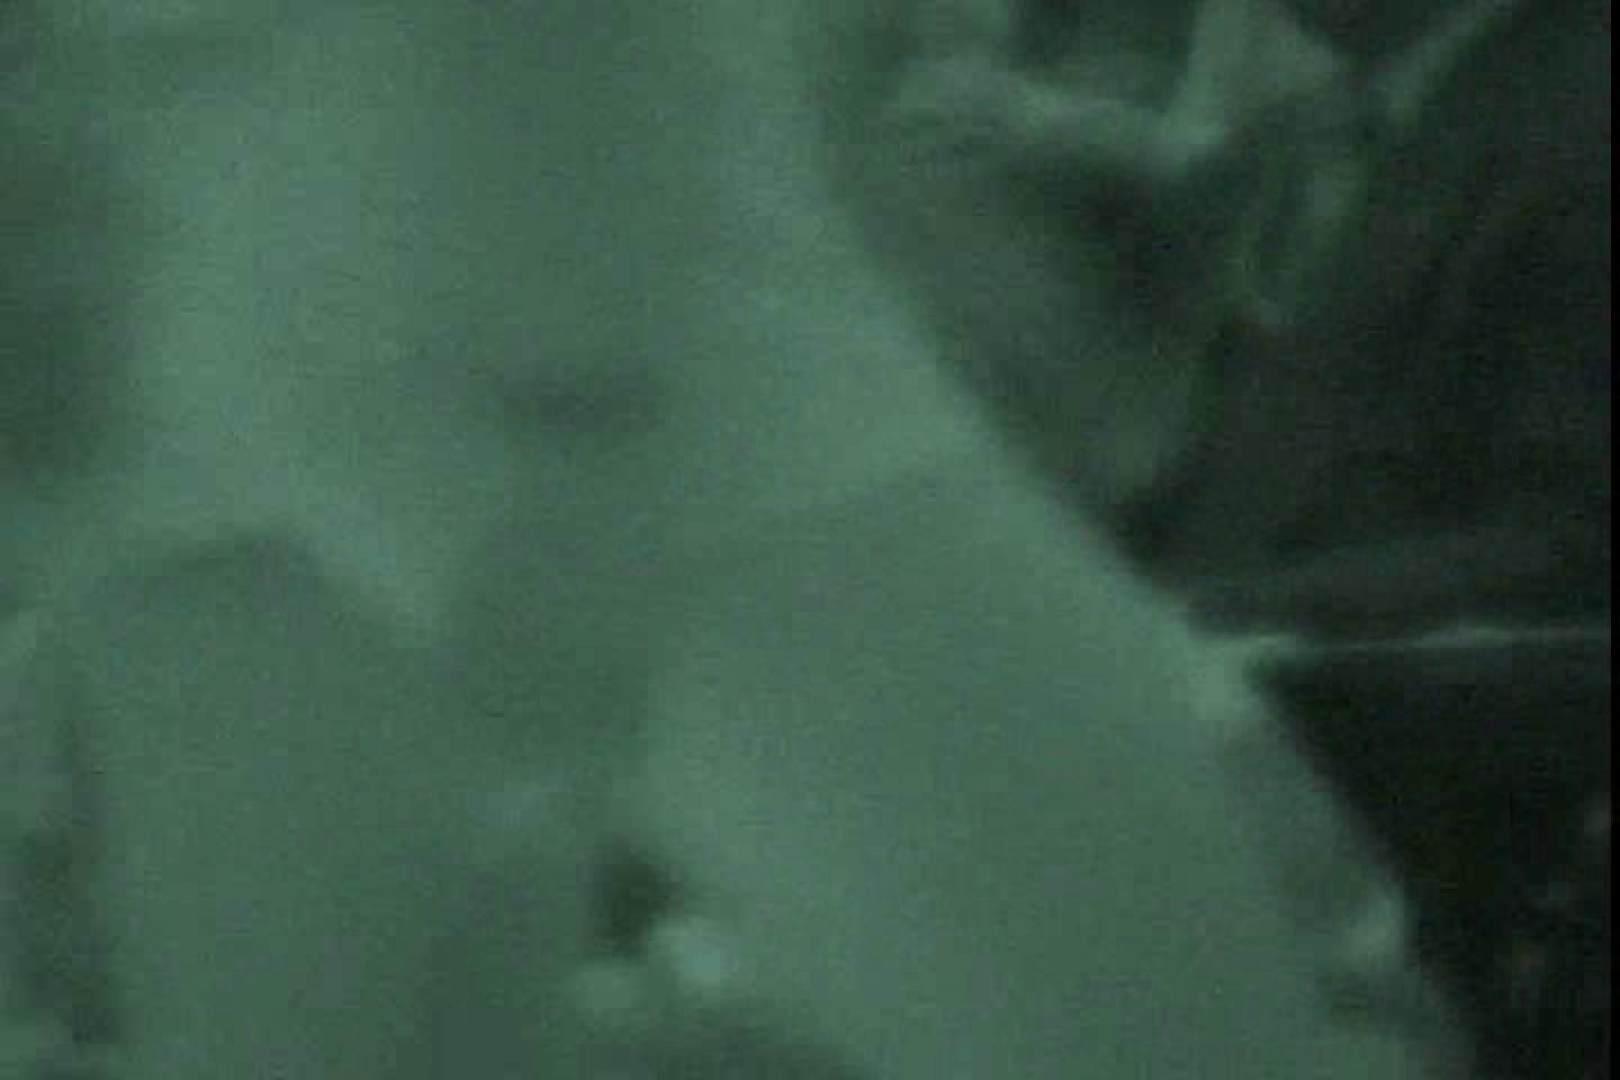 赤外線ムレスケバレー(汗) vol.11 赤外線   アスリート  95PIX 21